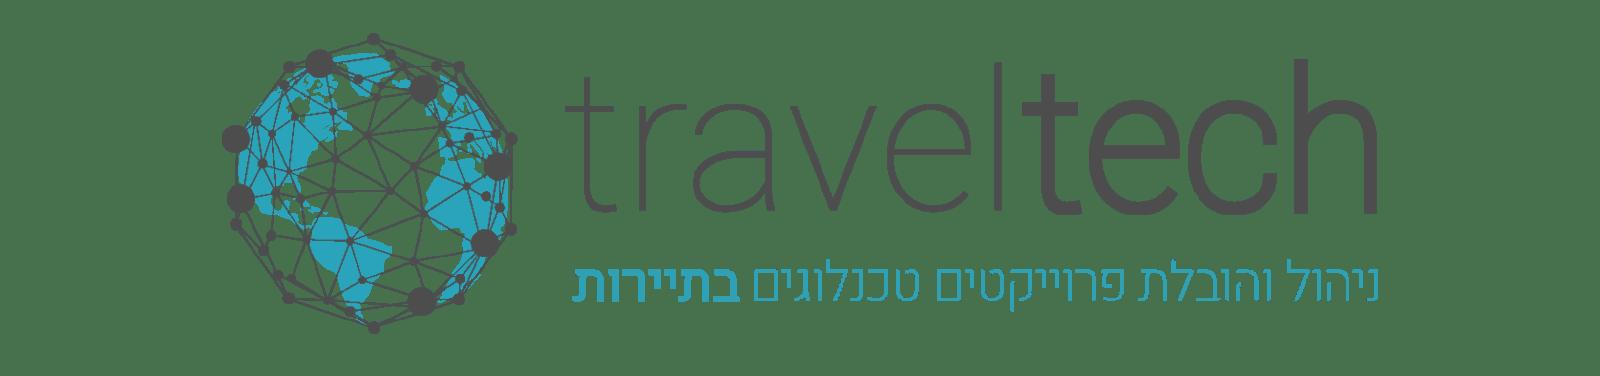 תרגום מאנגלית לעברית 4